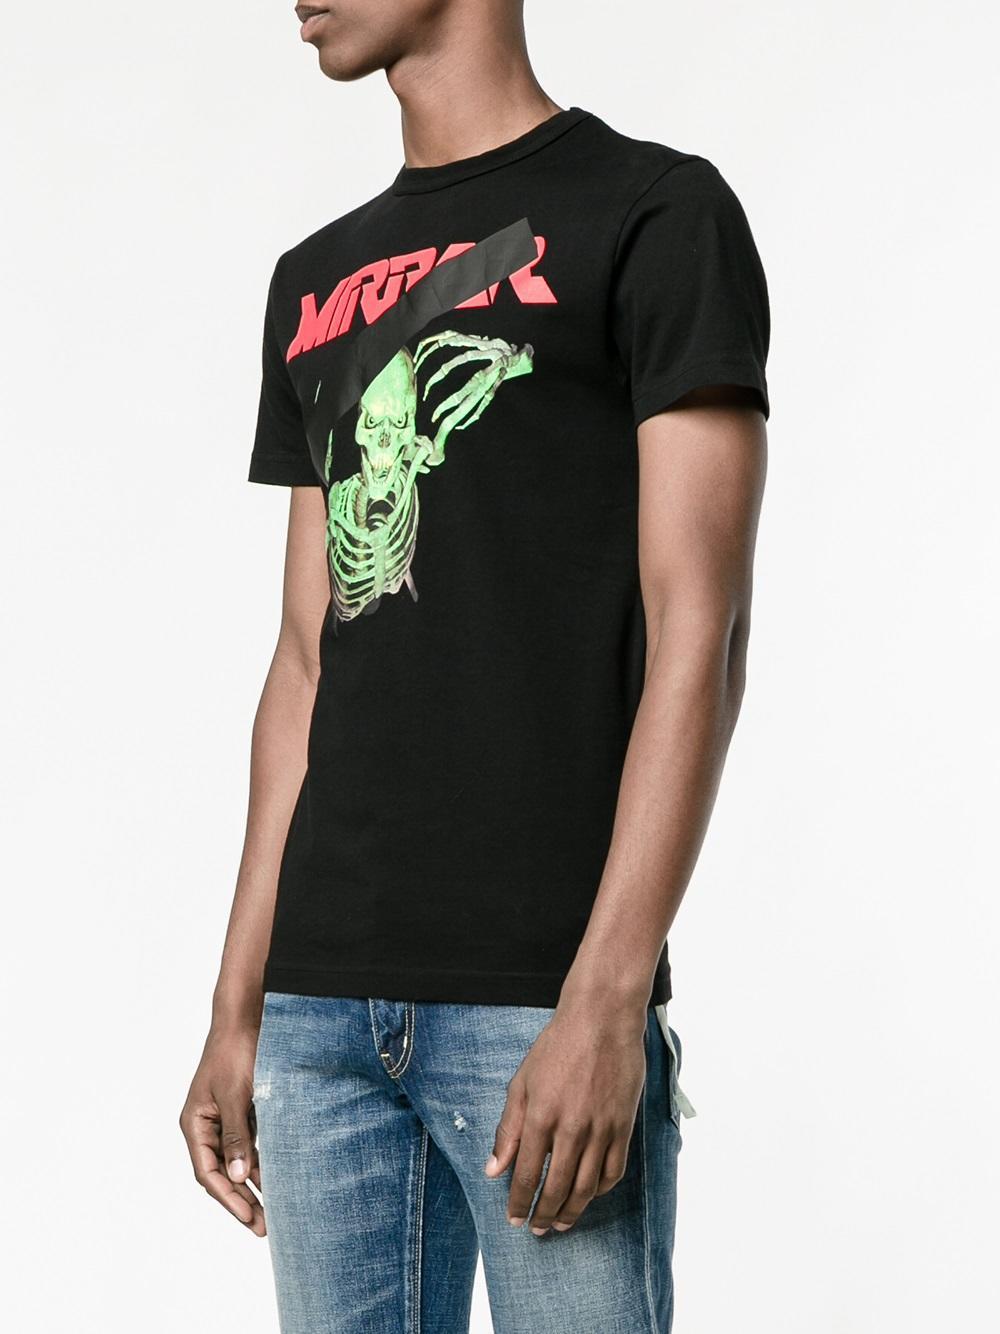 8b789653 Off-White c/o Virgil Abloh Skull Mirror T-Shirt in Black for Men - Lyst